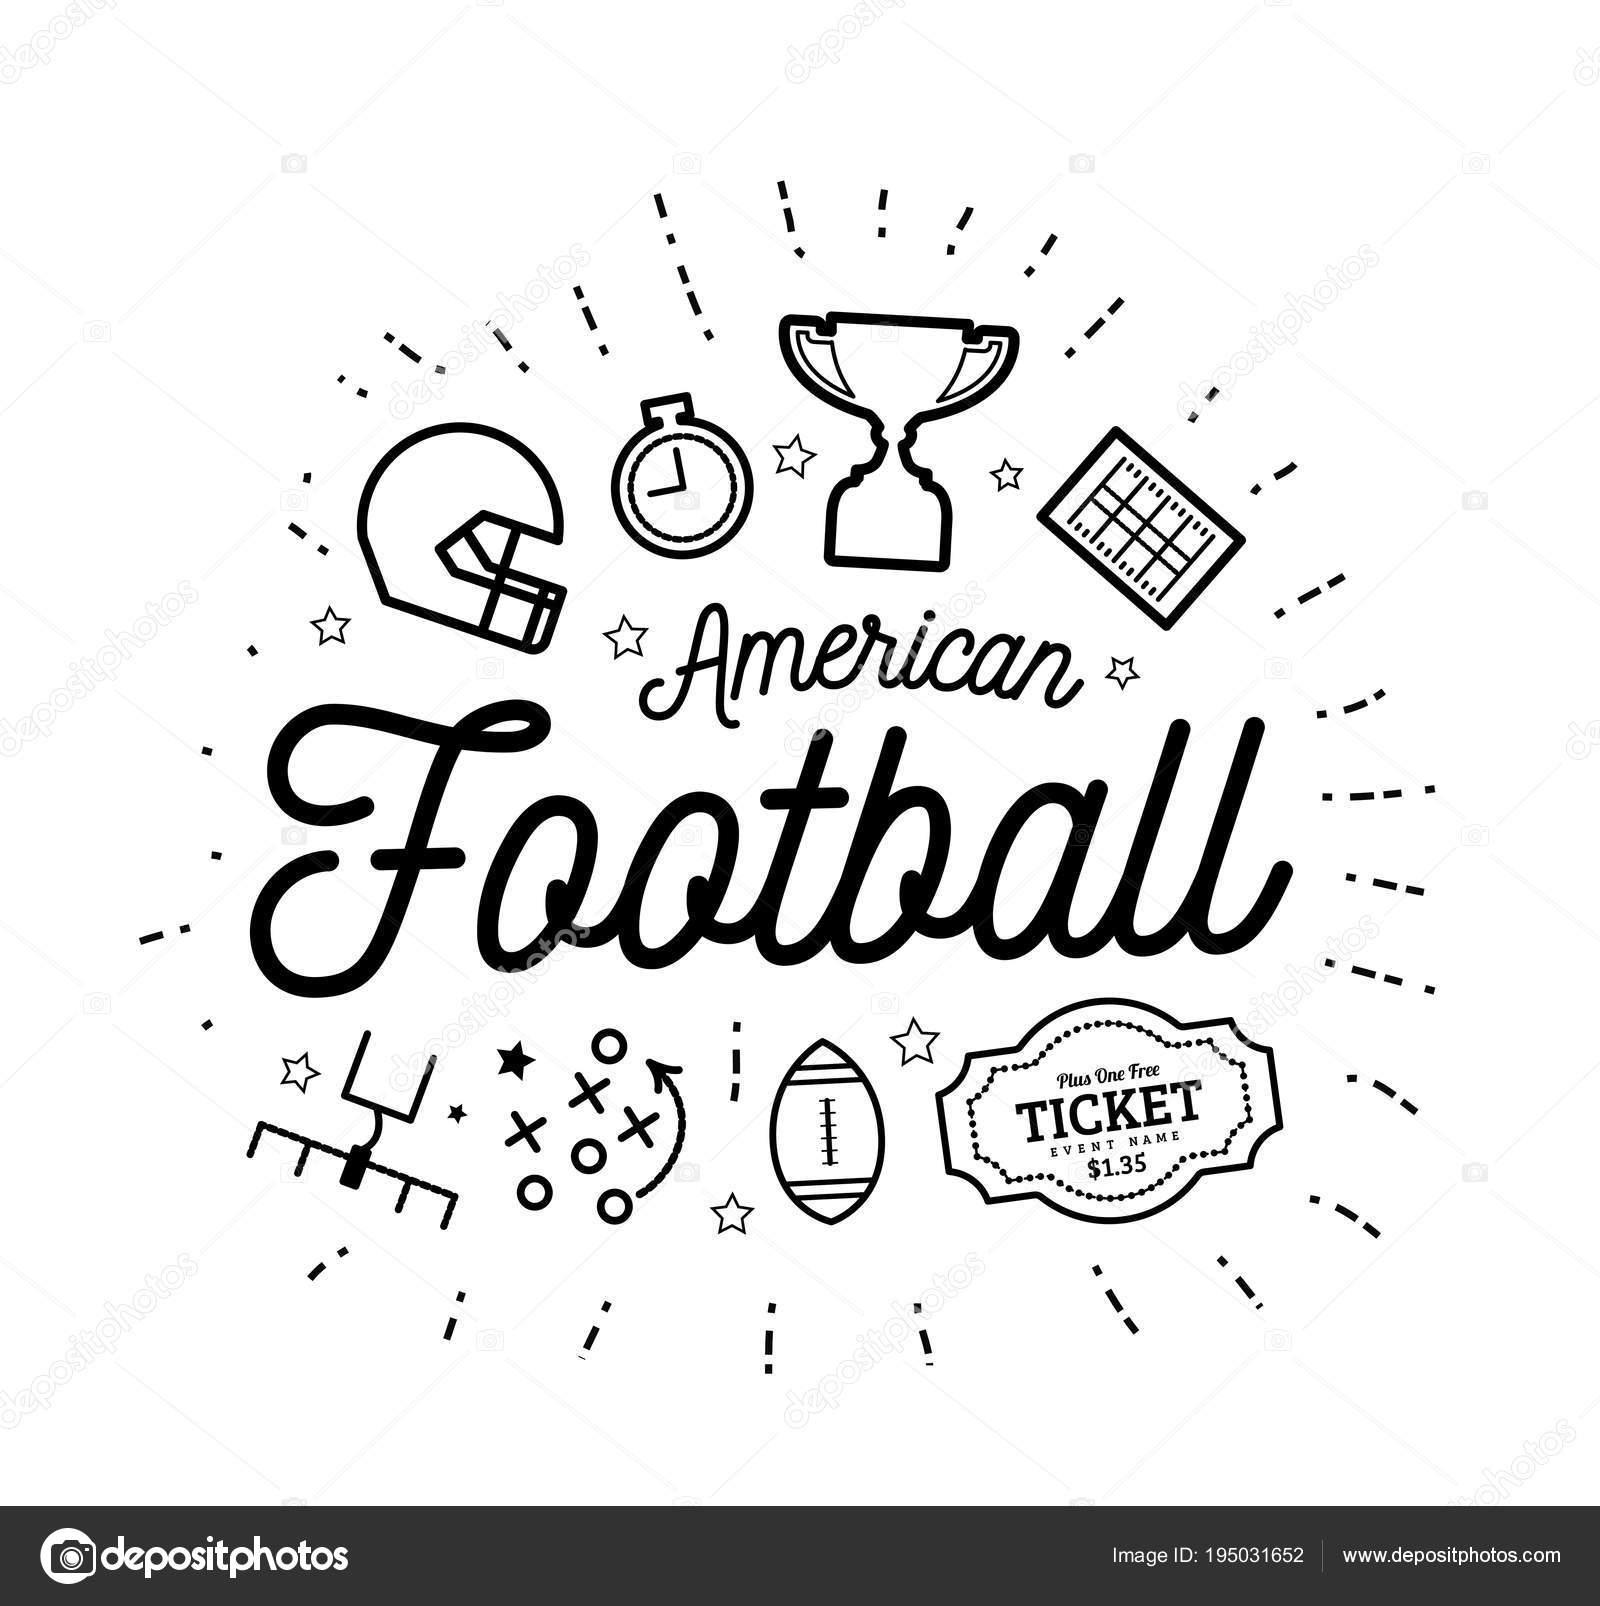 アメリカン フットボール細い線のスタイルでベクトル イラスト